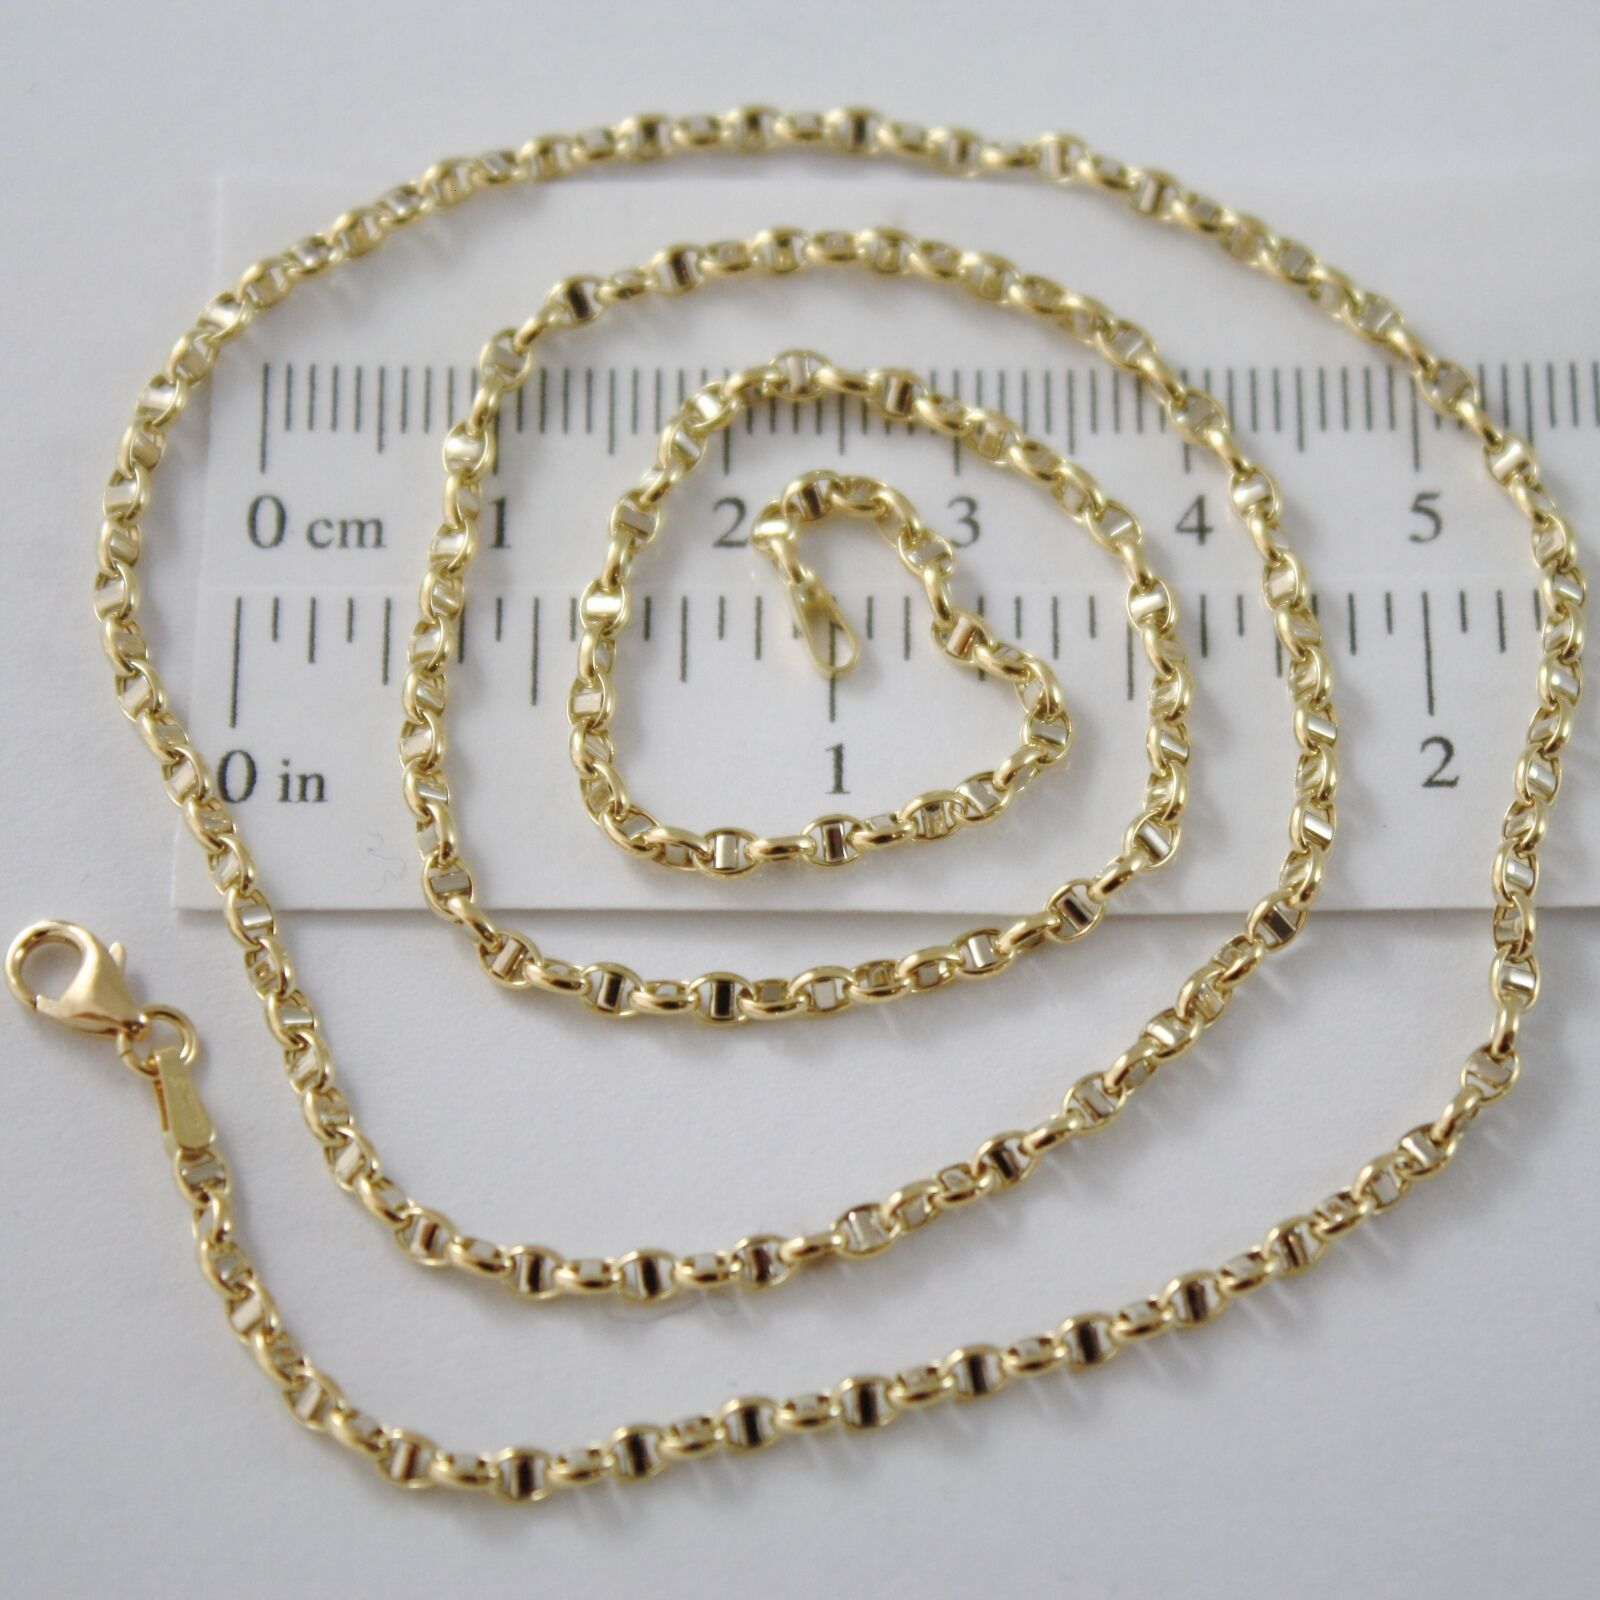 Chain Yellow Gold White 18K Marinara Crosspiece 40 45 50 60 cm Thickness 2.5 MM